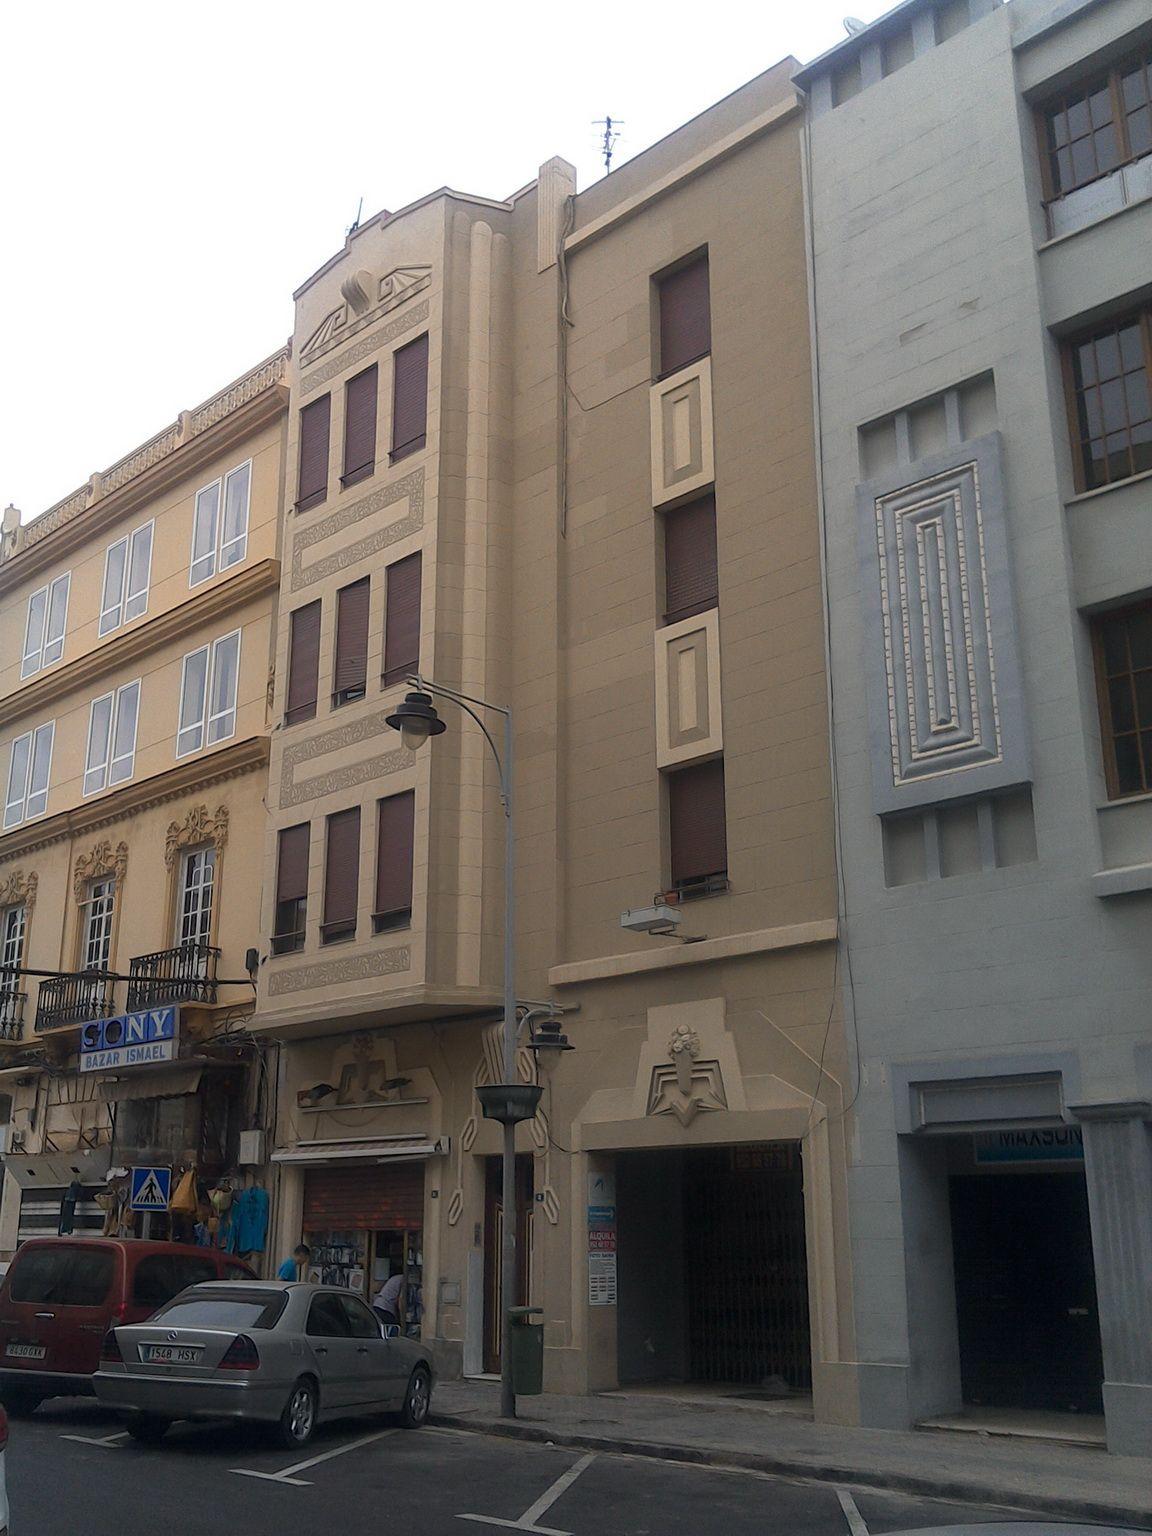 Calle del Ejército Español, 2